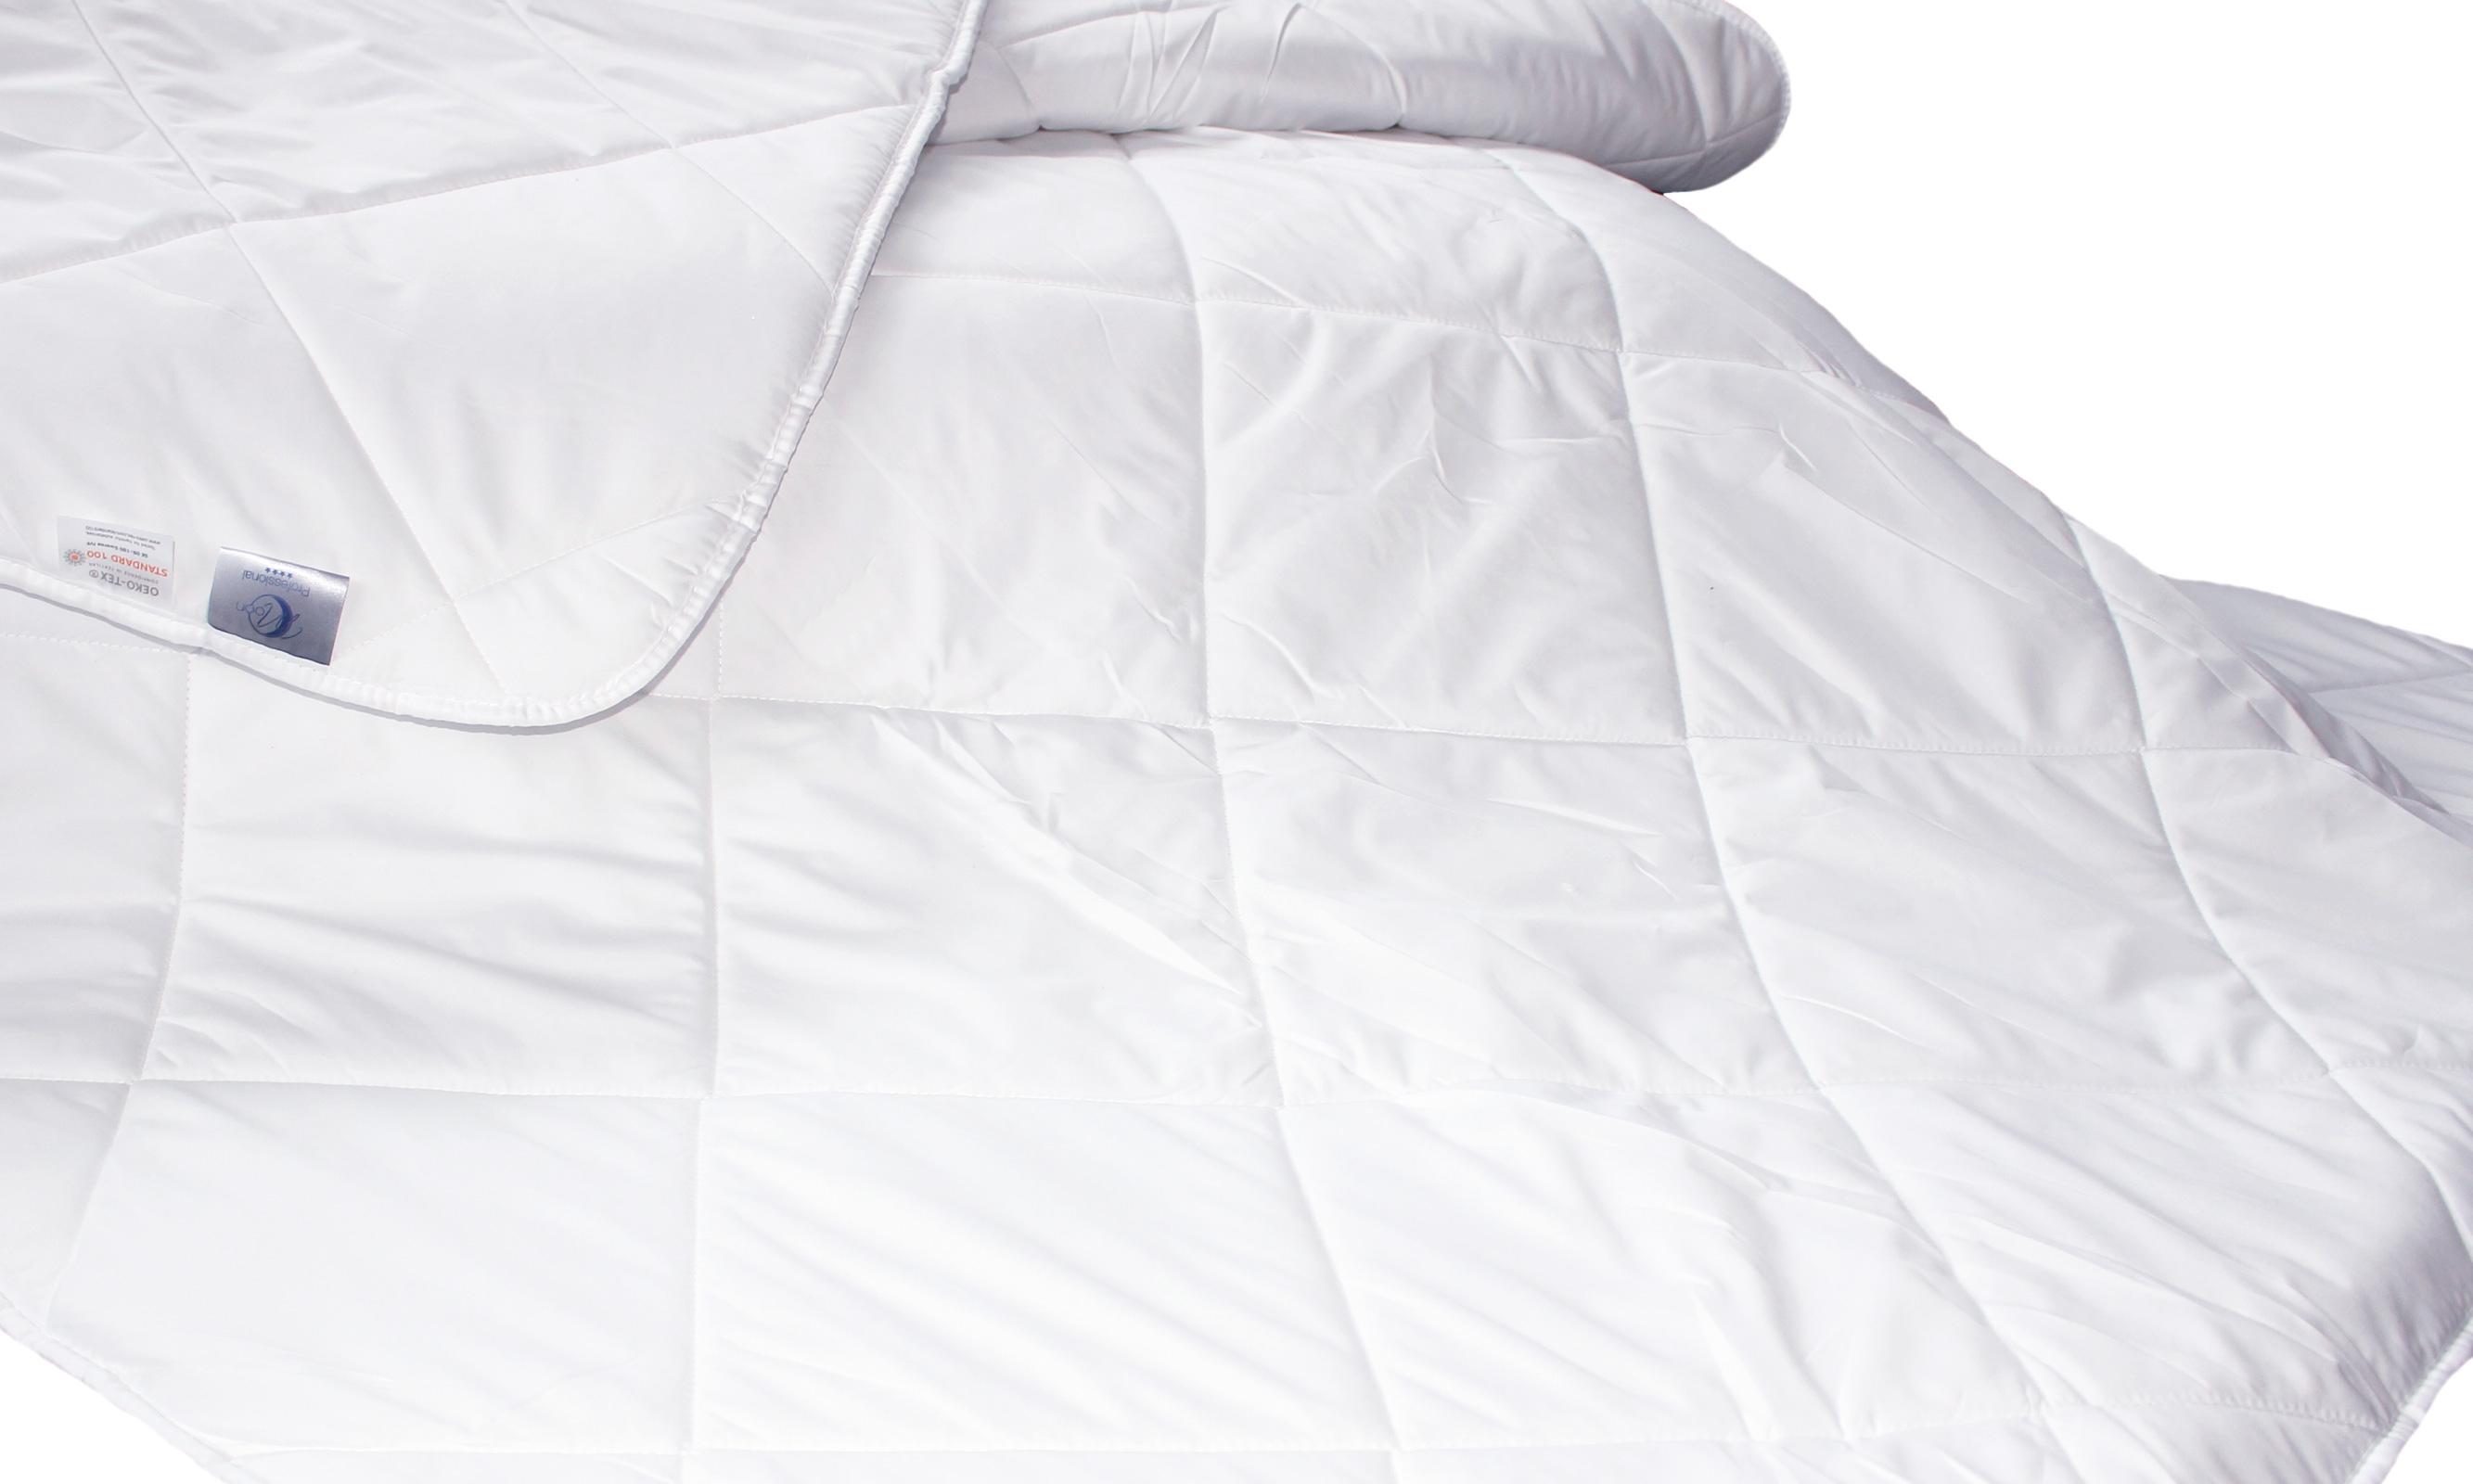 Bettdecken und Kopfkissen - MOON Professional Ganzjahresdecke Monodecke 95° waschbar  - Onlineshop PremiumShop321